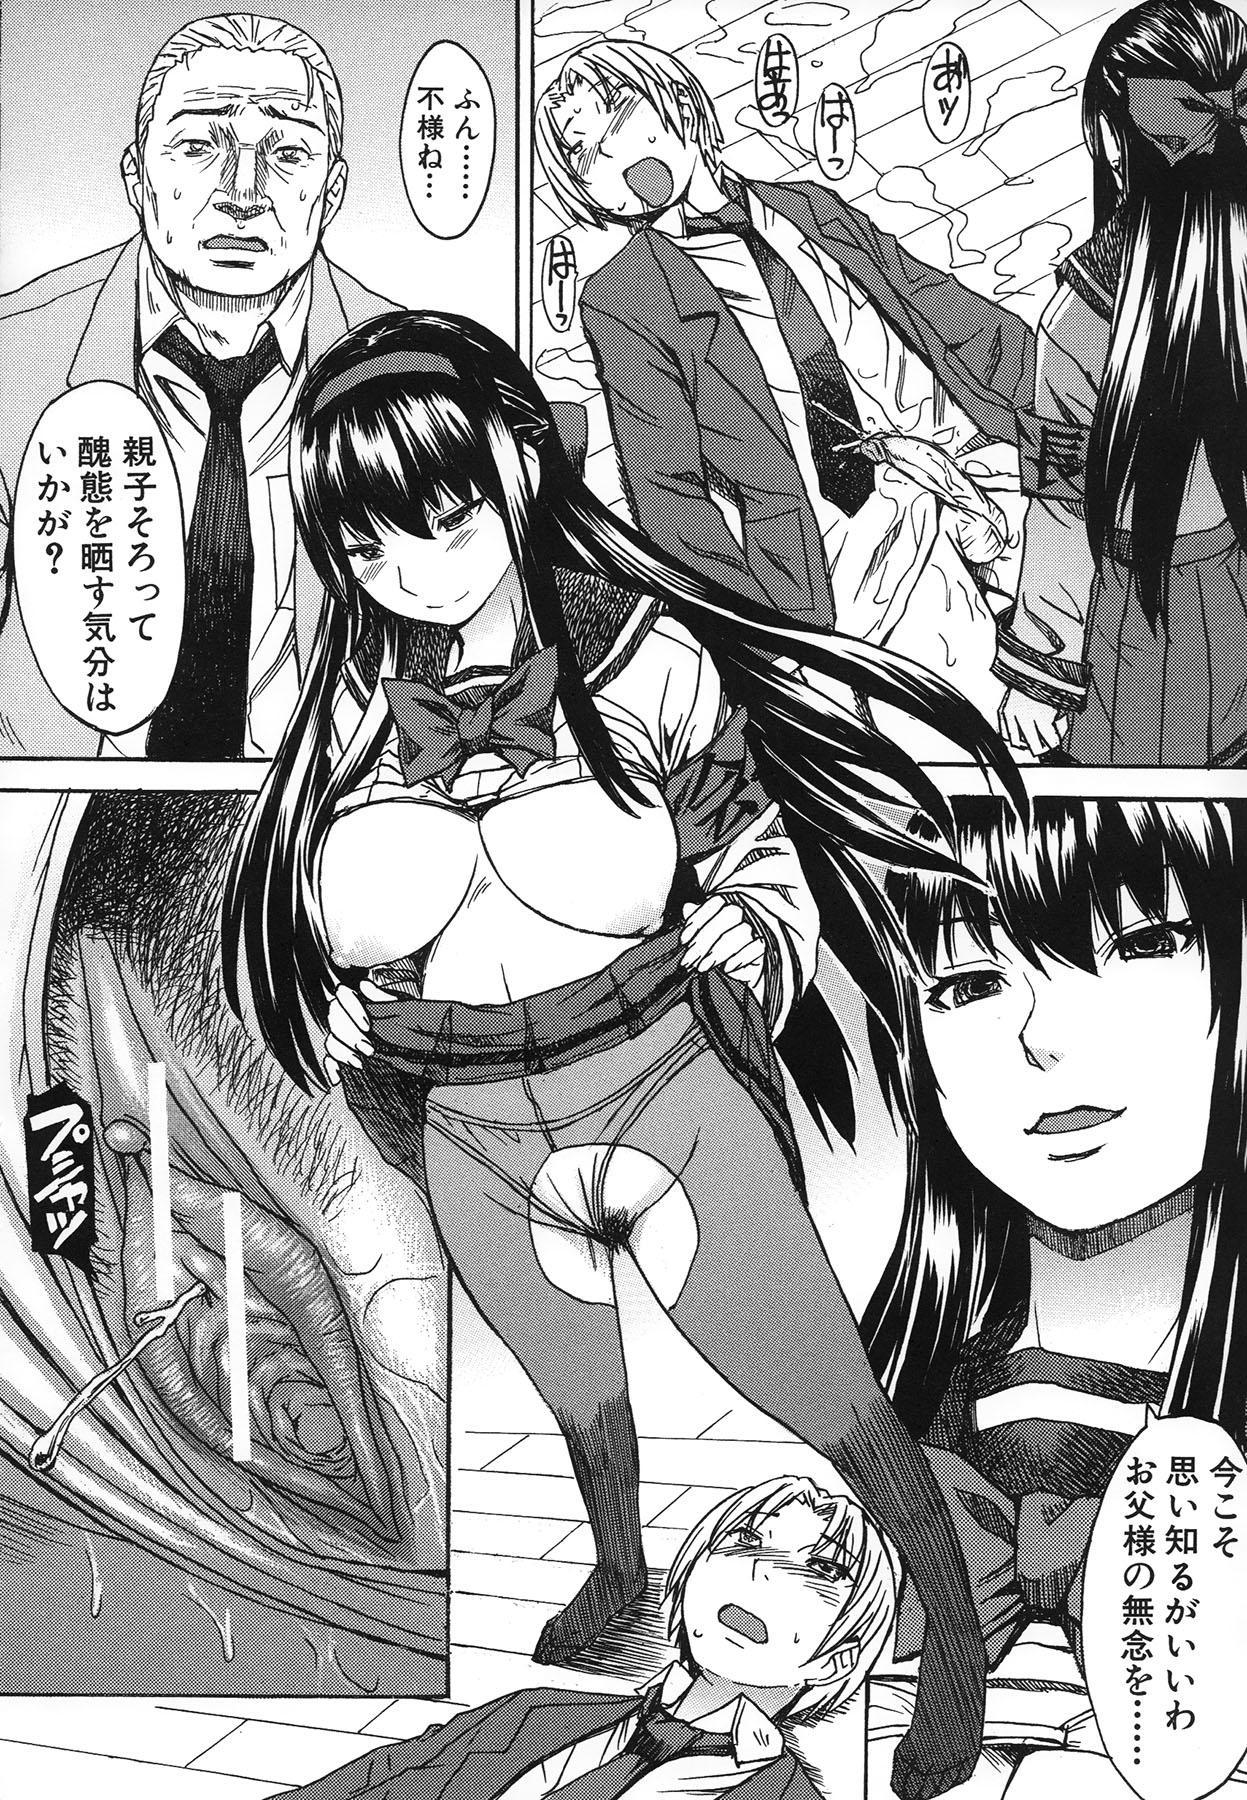 Ashigami 193